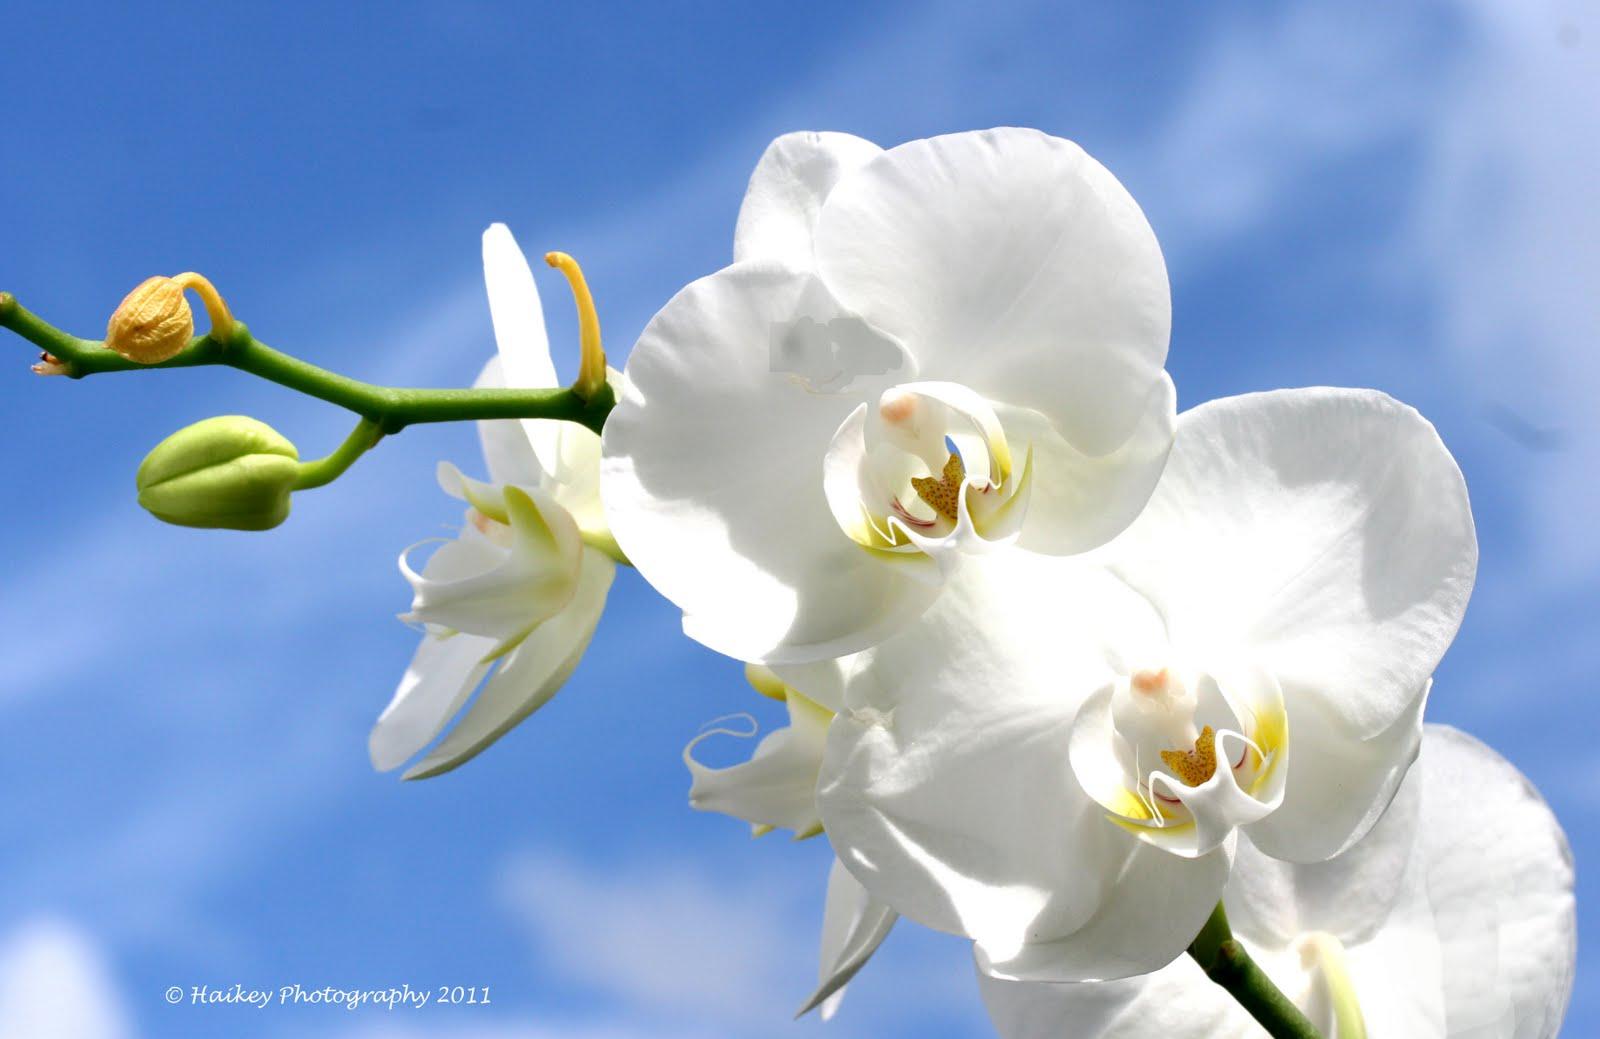 http://4.bp.blogspot.com/-fe0Nn6g9Kgc/Tc_VoQr6ROI/AAAAAAAACNA/HmmaXdE0Pcg/s1600/orchidee4.jpg